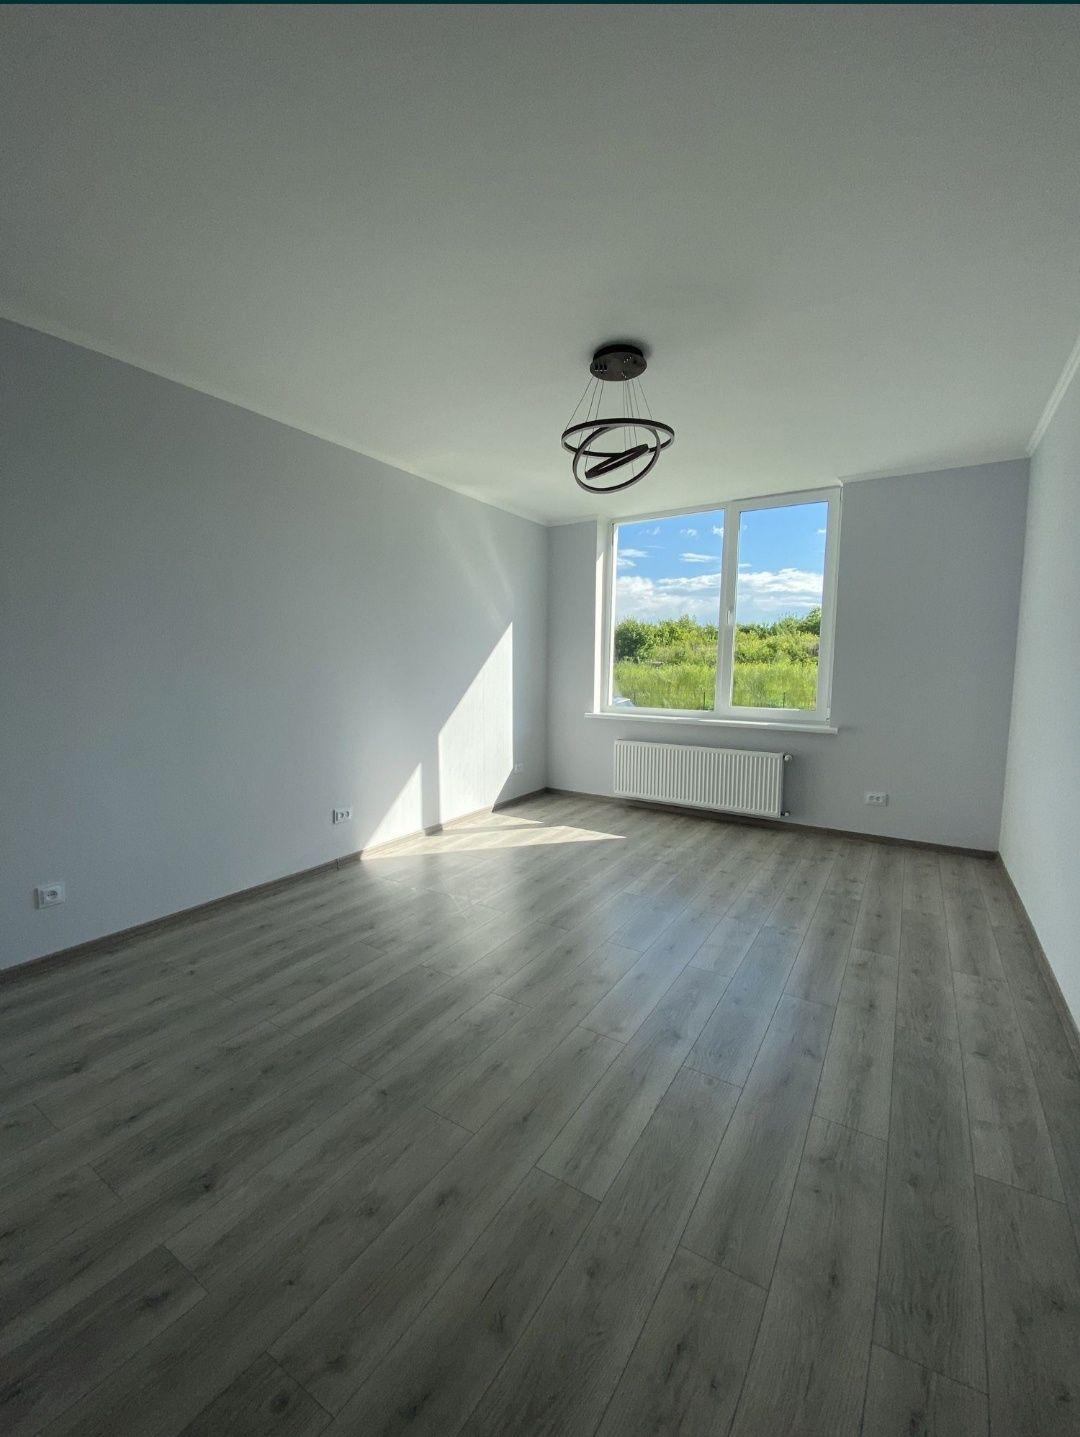 Продається 1км квартира з ремонтом в зданій новобудові